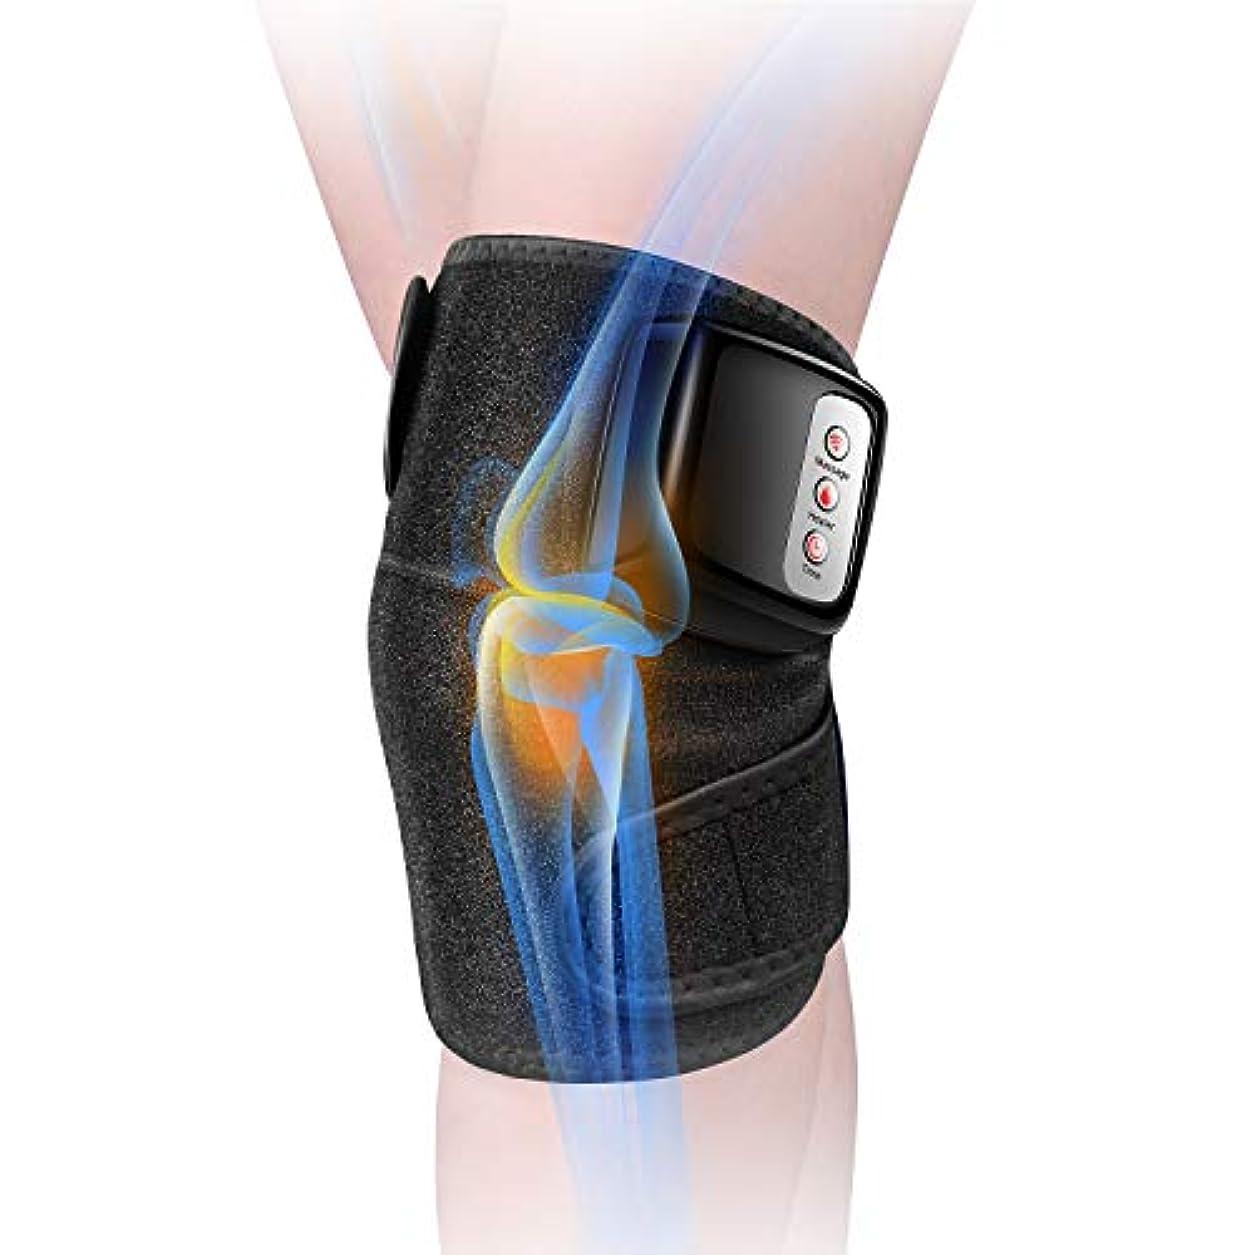 郡知覚拡散する膝マッサージャー 関節マッサージャー マッサージ器 フットマッサージャー 振動 赤外線療法 温熱療法 膝サポーター ストレス解消 肩 太もも/腕対応